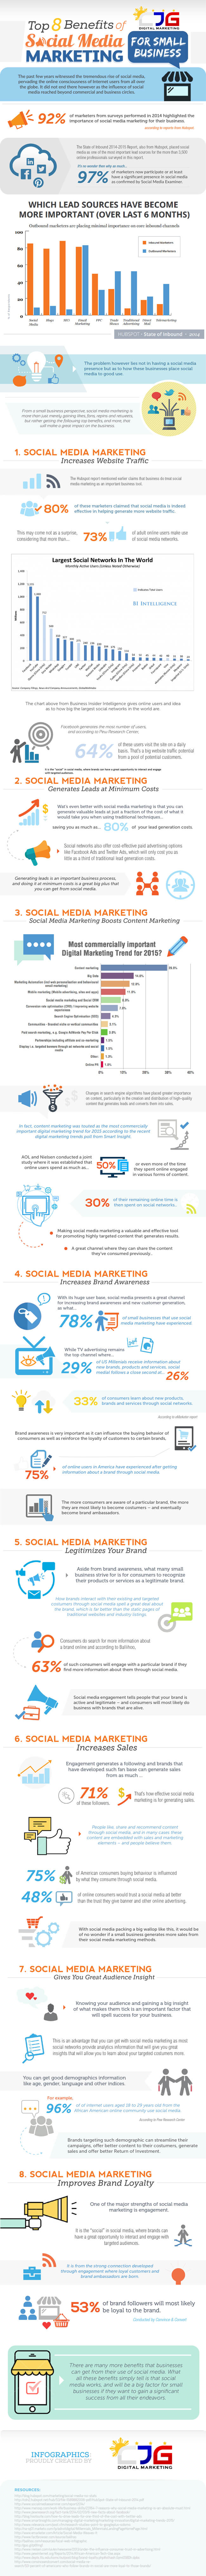 8 Benefits Social Media Marketing